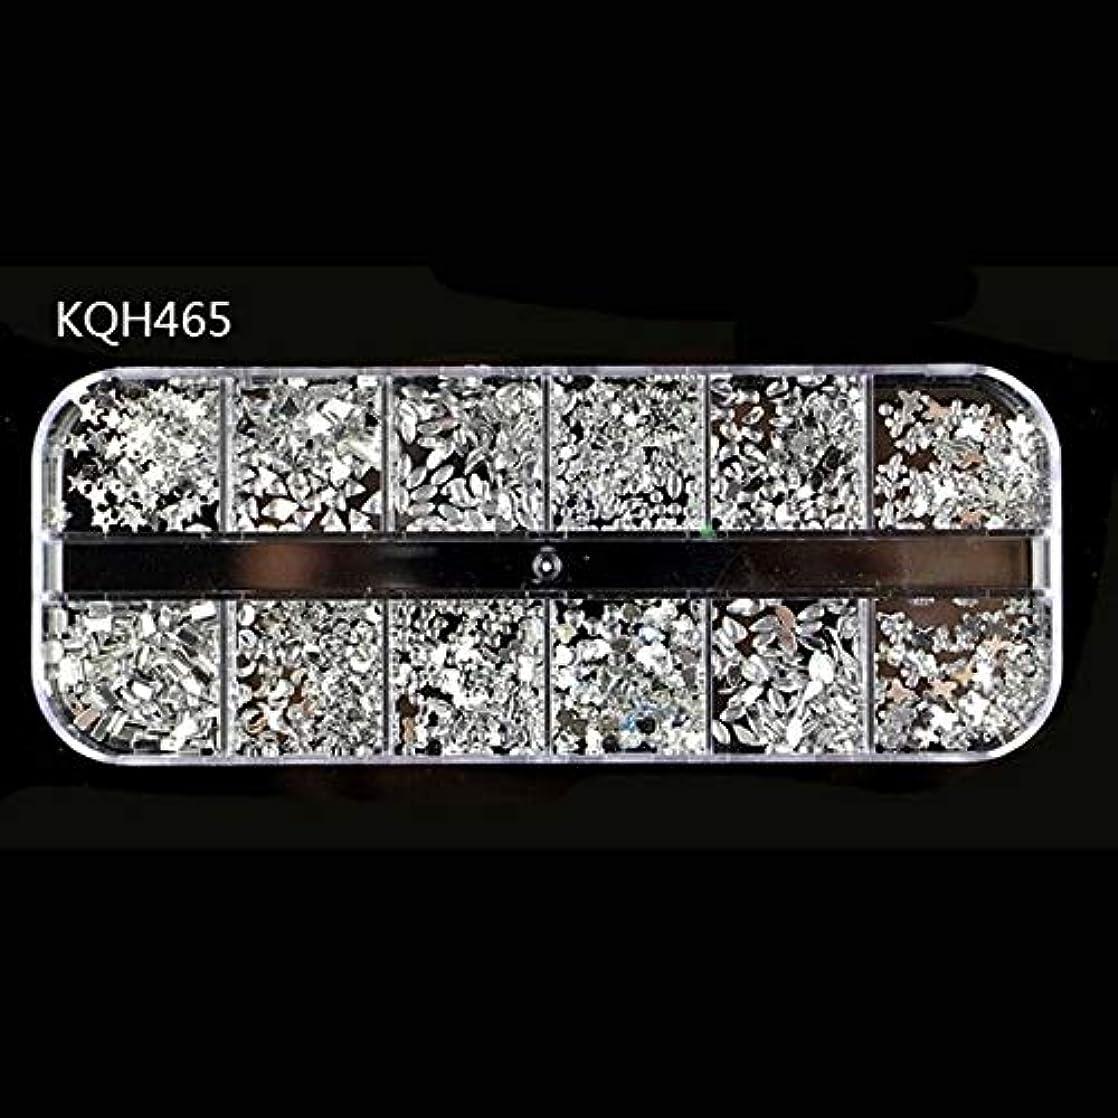 位置する虐殺結果としてMEI1JIA CELINEZL 3ピースラインストーン3Dクリスタルクリアストーン宝石真珠DIYネイルアートデコレーション(KQH465) (色 : KQH465)